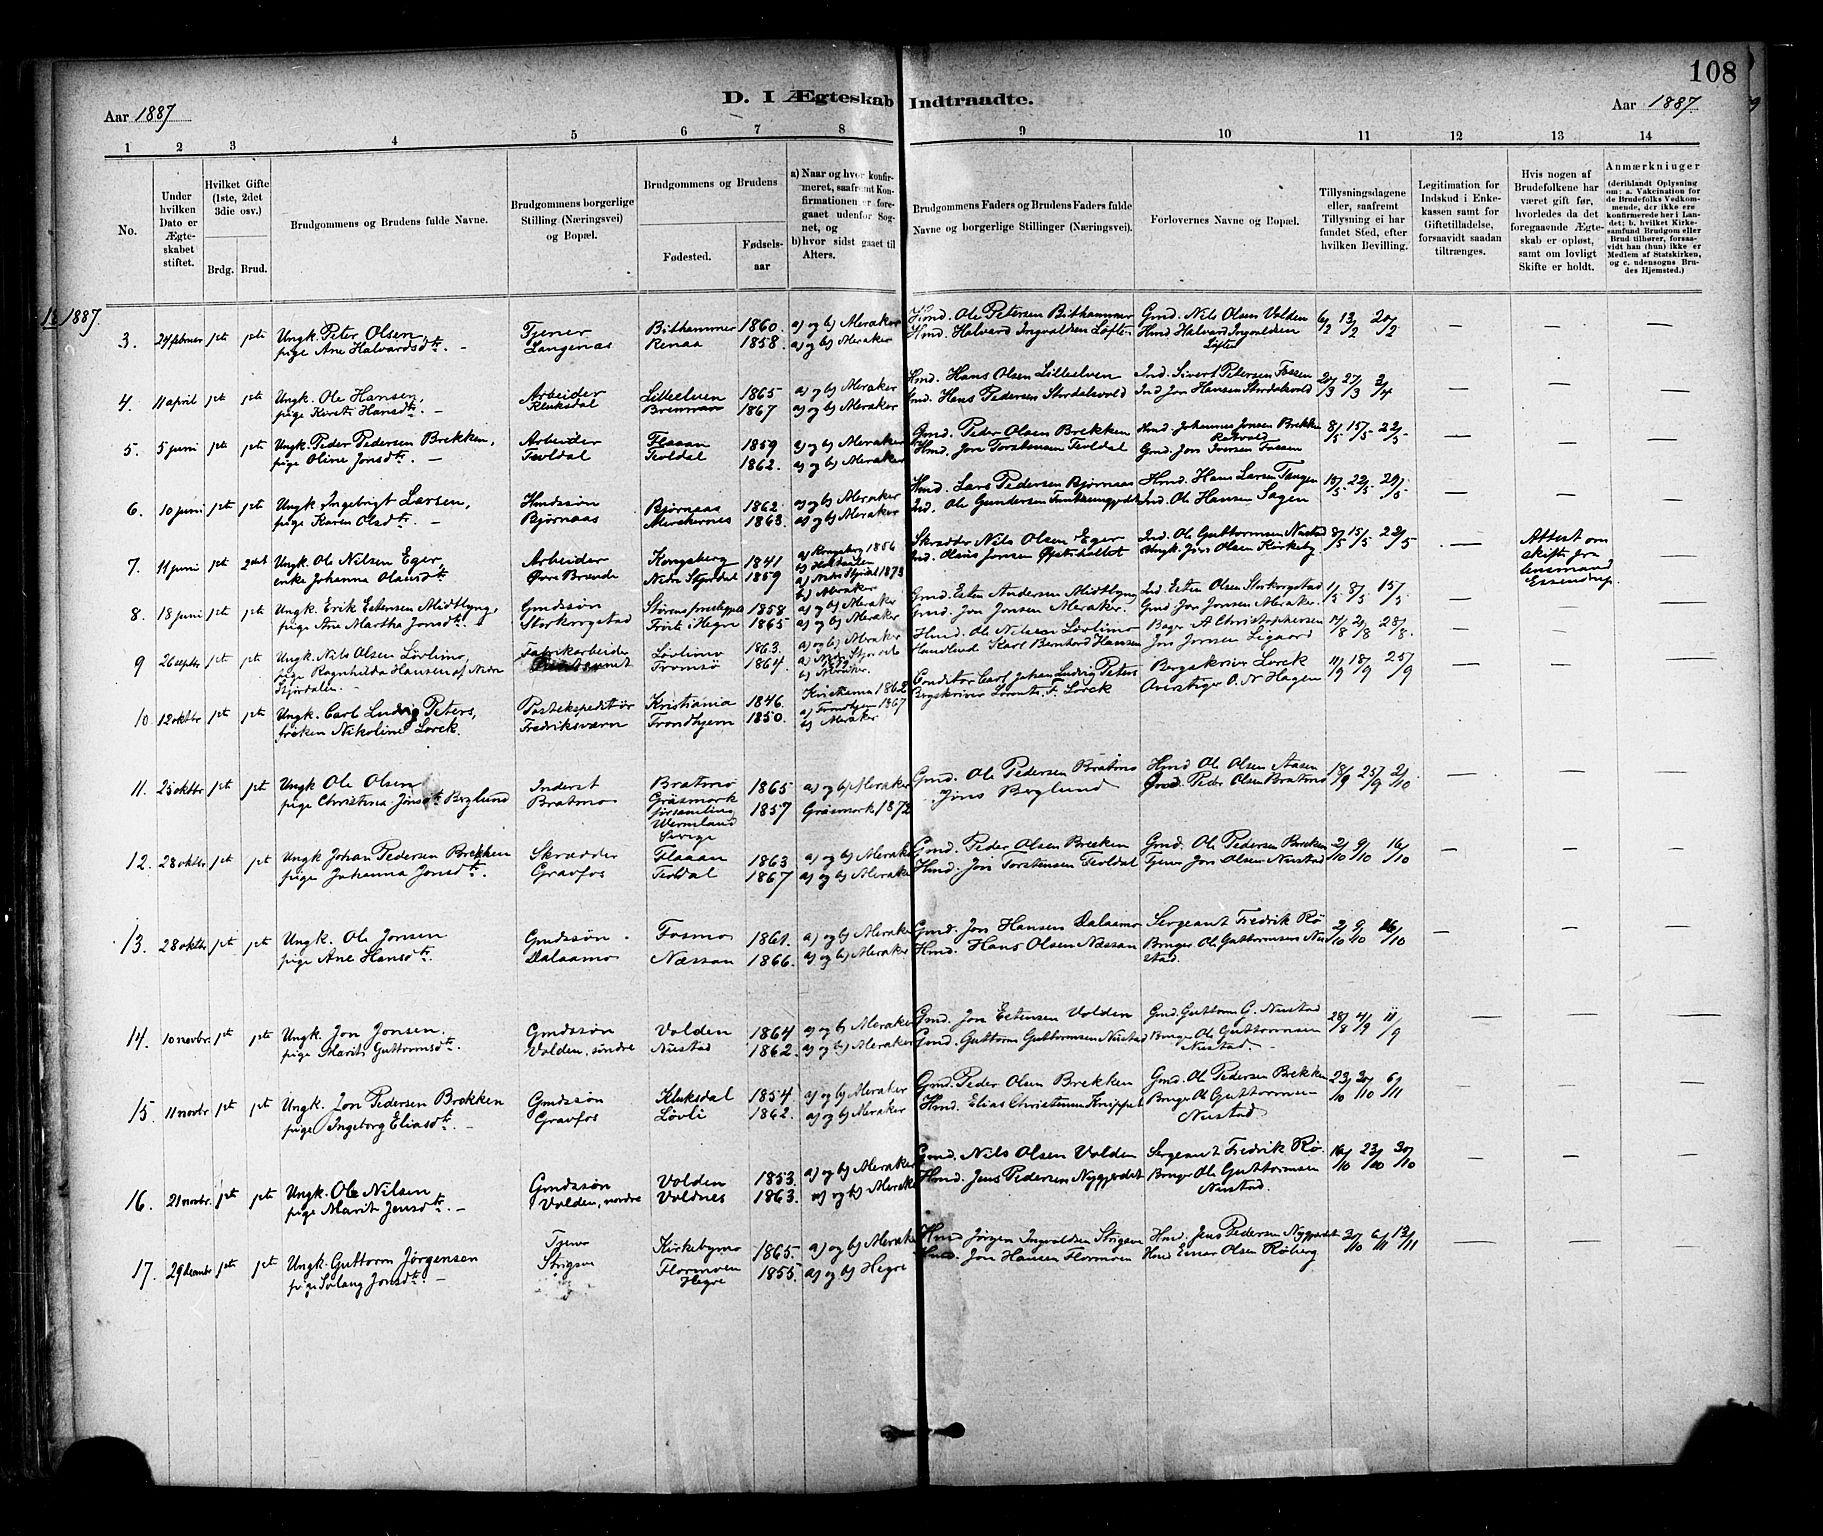 SAT, Ministerialprotokoller, klokkerbøker og fødselsregistre - Nord-Trøndelag, 706/L0047: Ministerialbok nr. 706A03, 1878-1892, s. 108